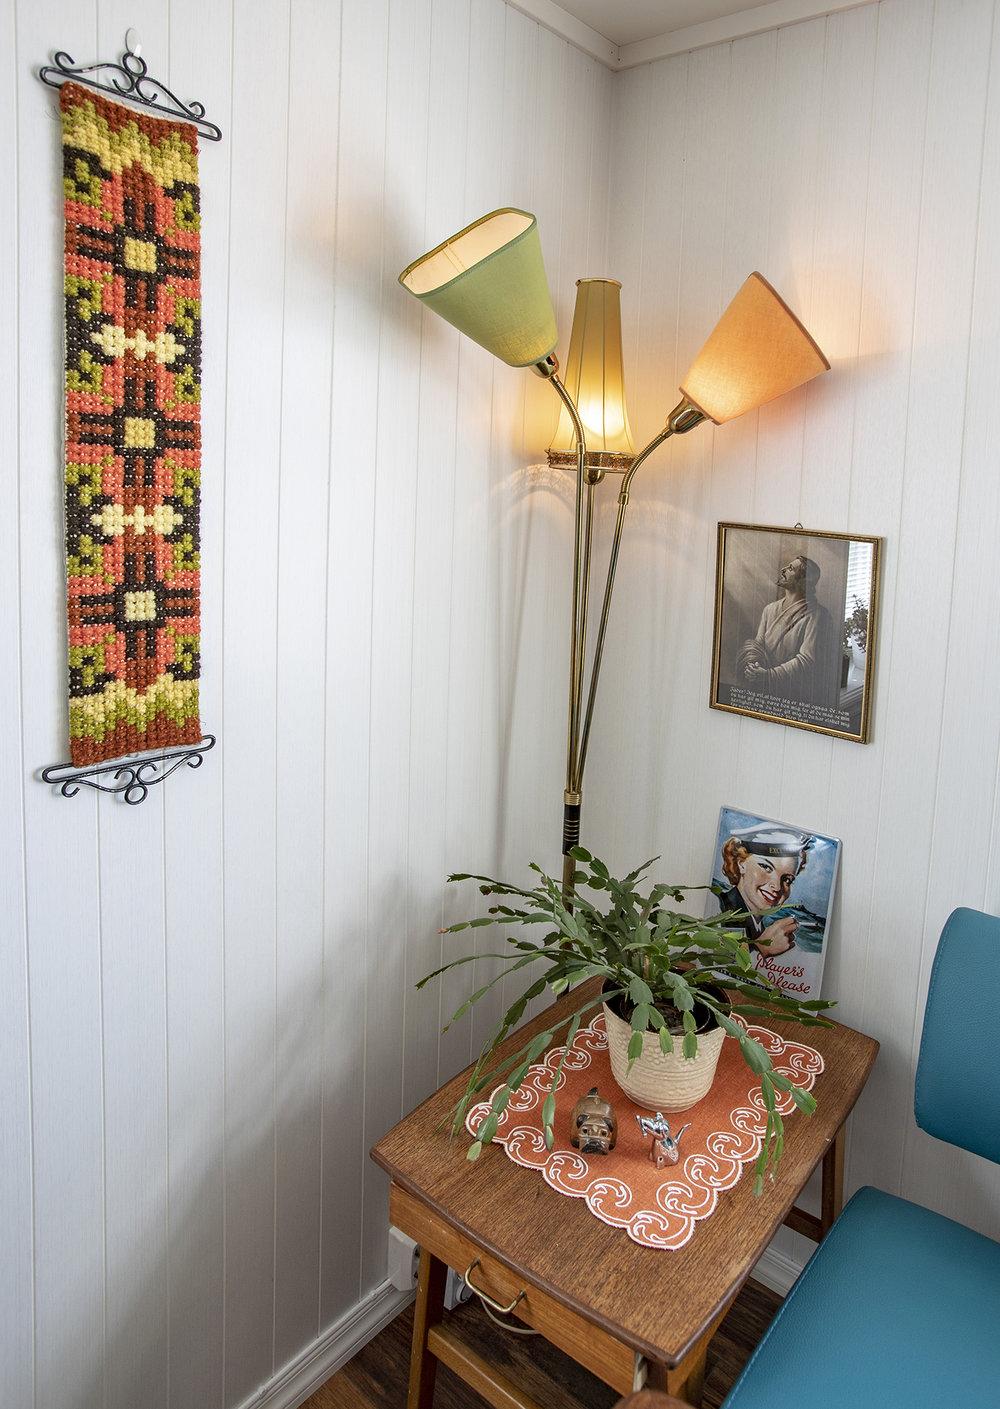 Et eget hjørne i stua er viet gamle minner fra familien i Berlevåg. Lampen ble reddet fra søppelplassen, mens Jesus er tatt fra hytta og klokkestrengen var bestemorens.